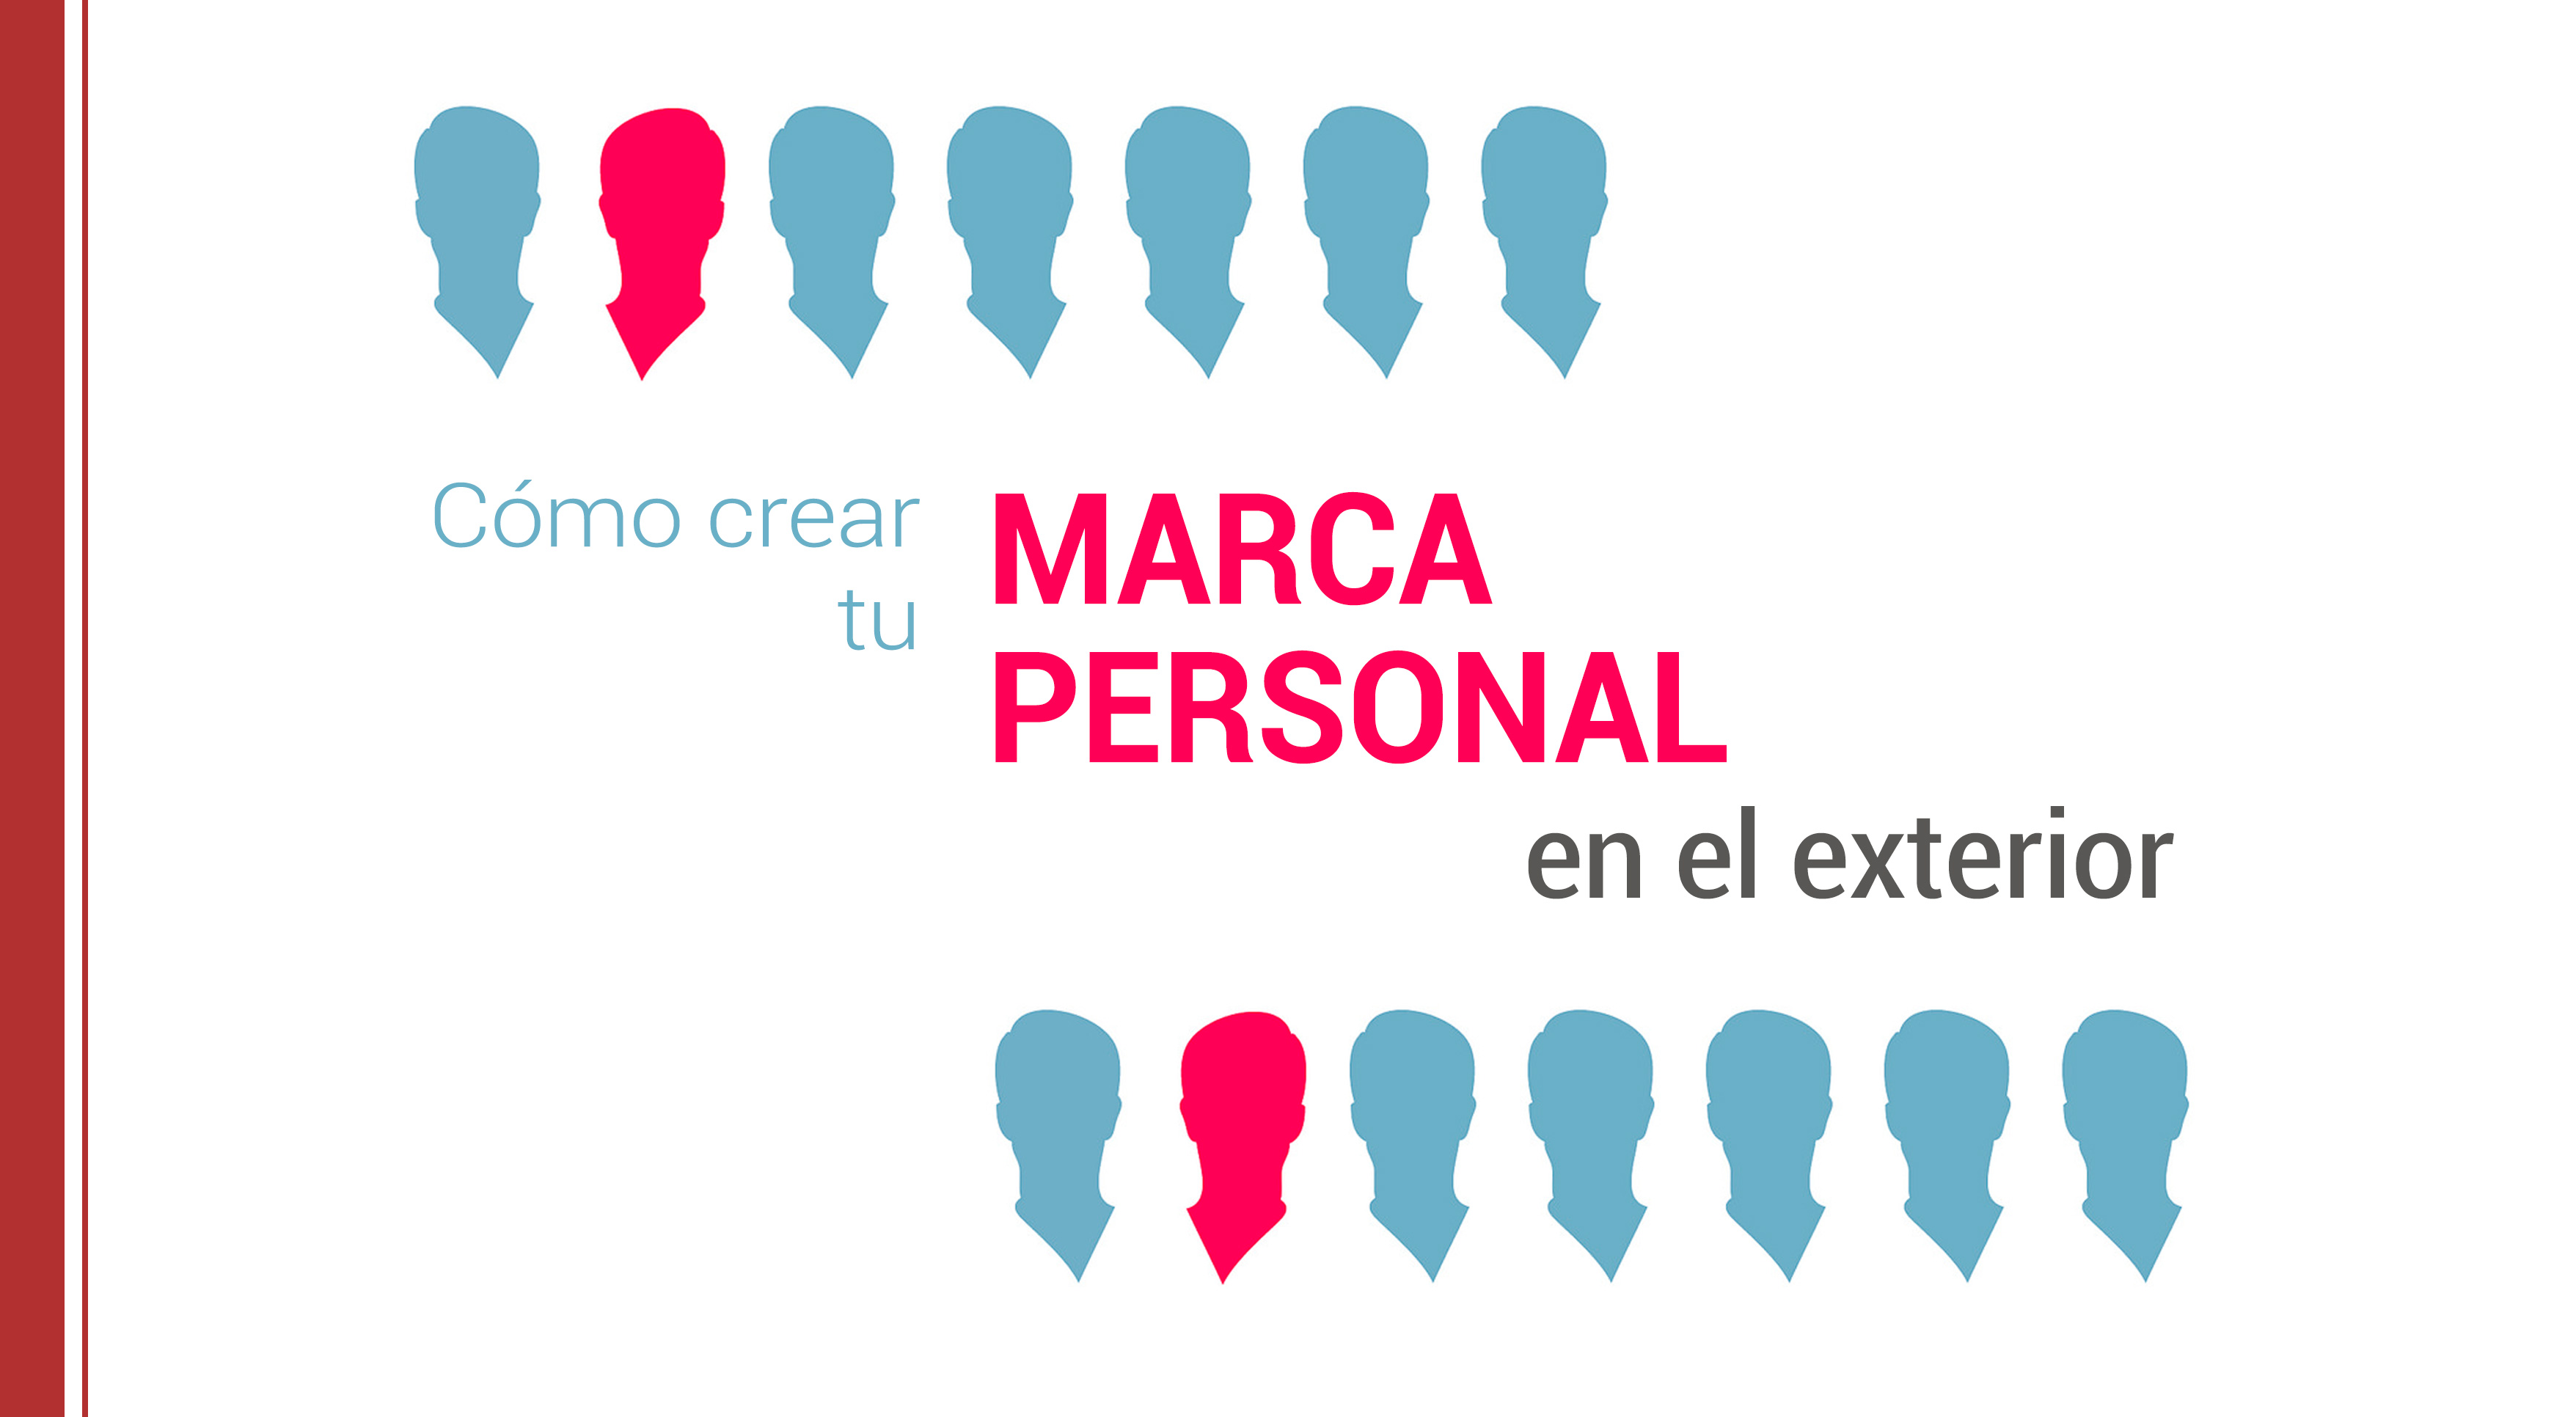 como-crear-tu-marca-personal-en-el-exterior Cómo crear tu marca personal en el exterior